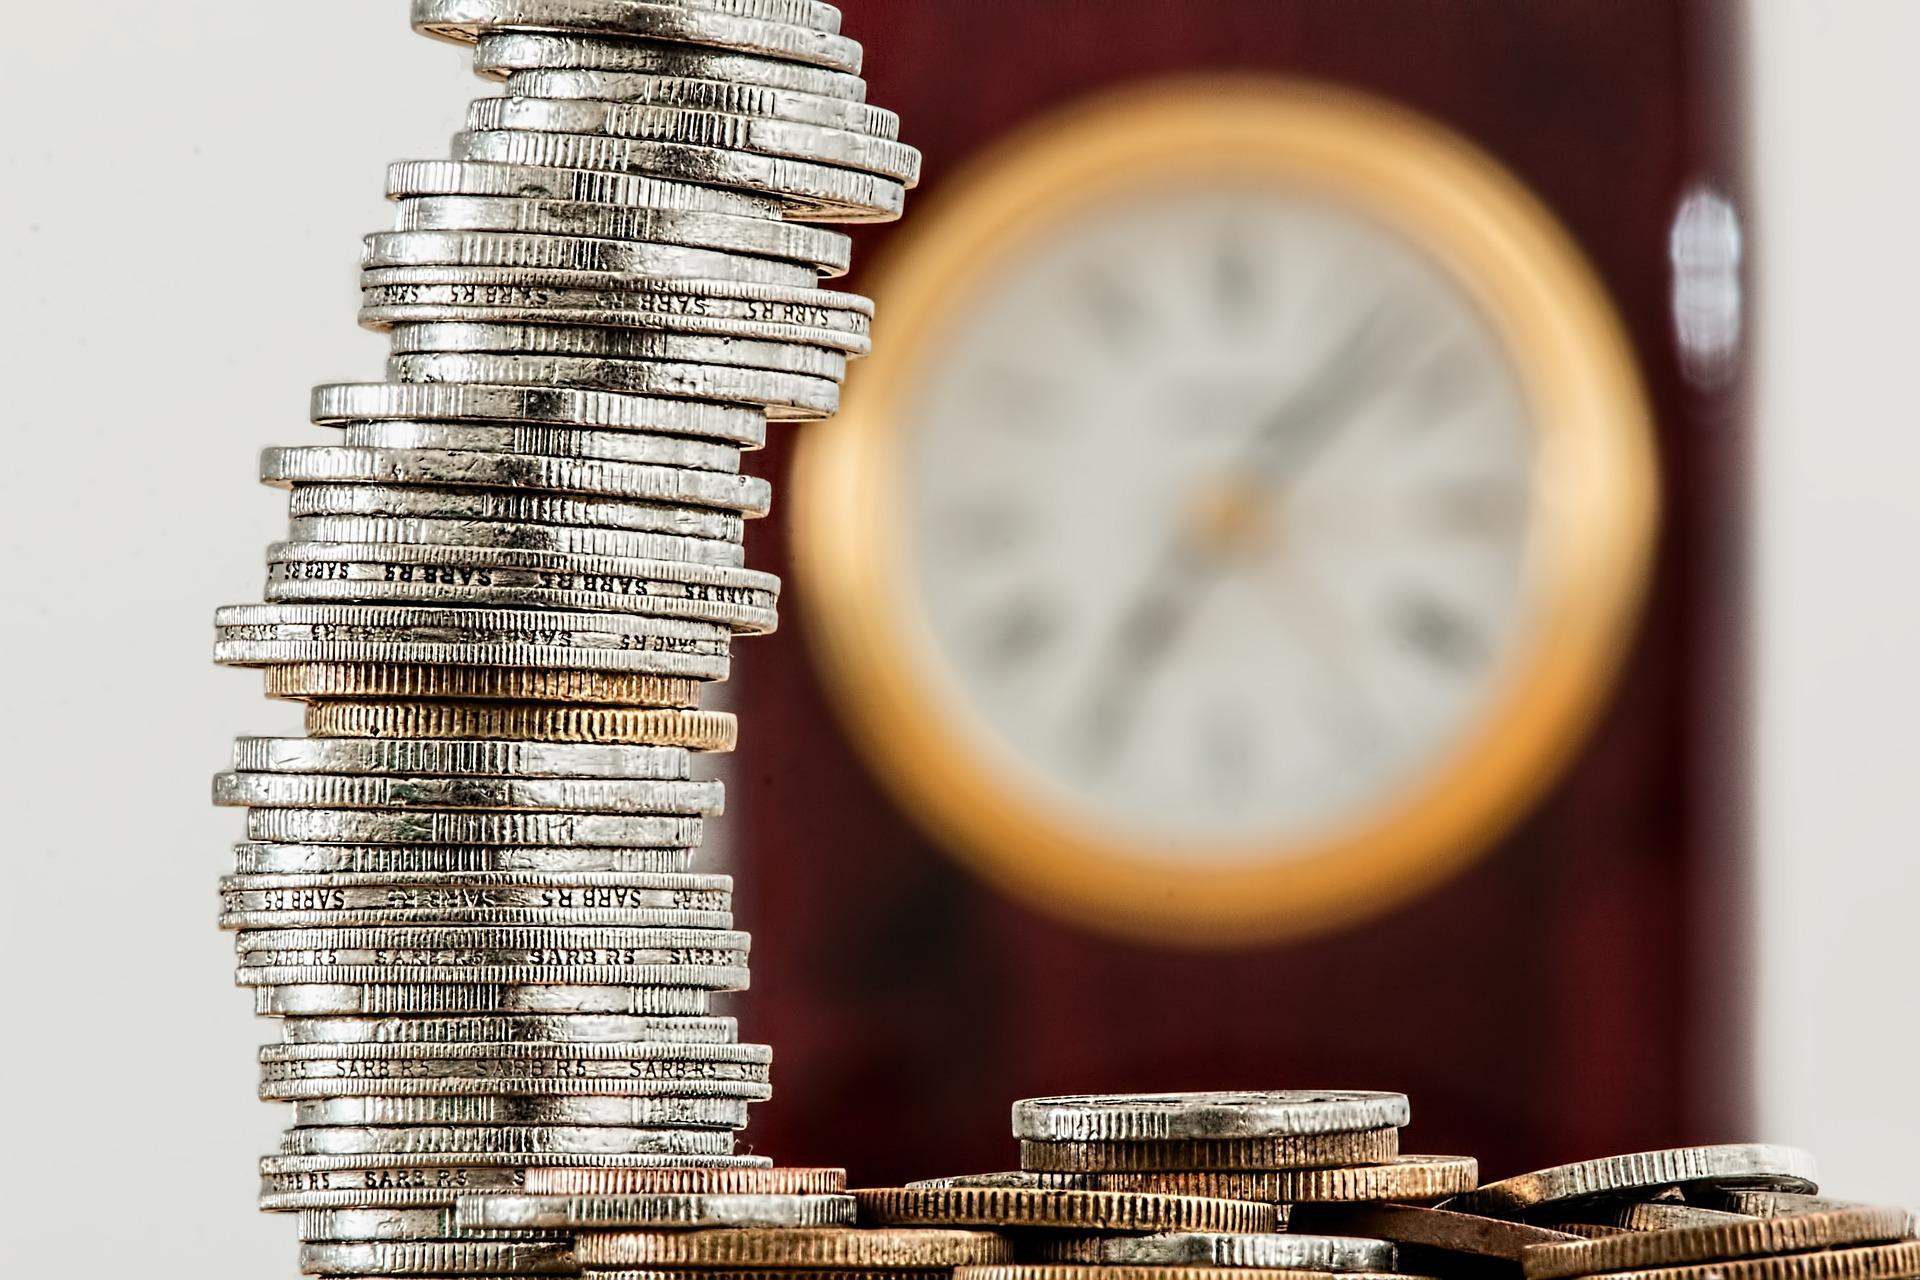 Ринок цінних паперів України виріс вдвічі